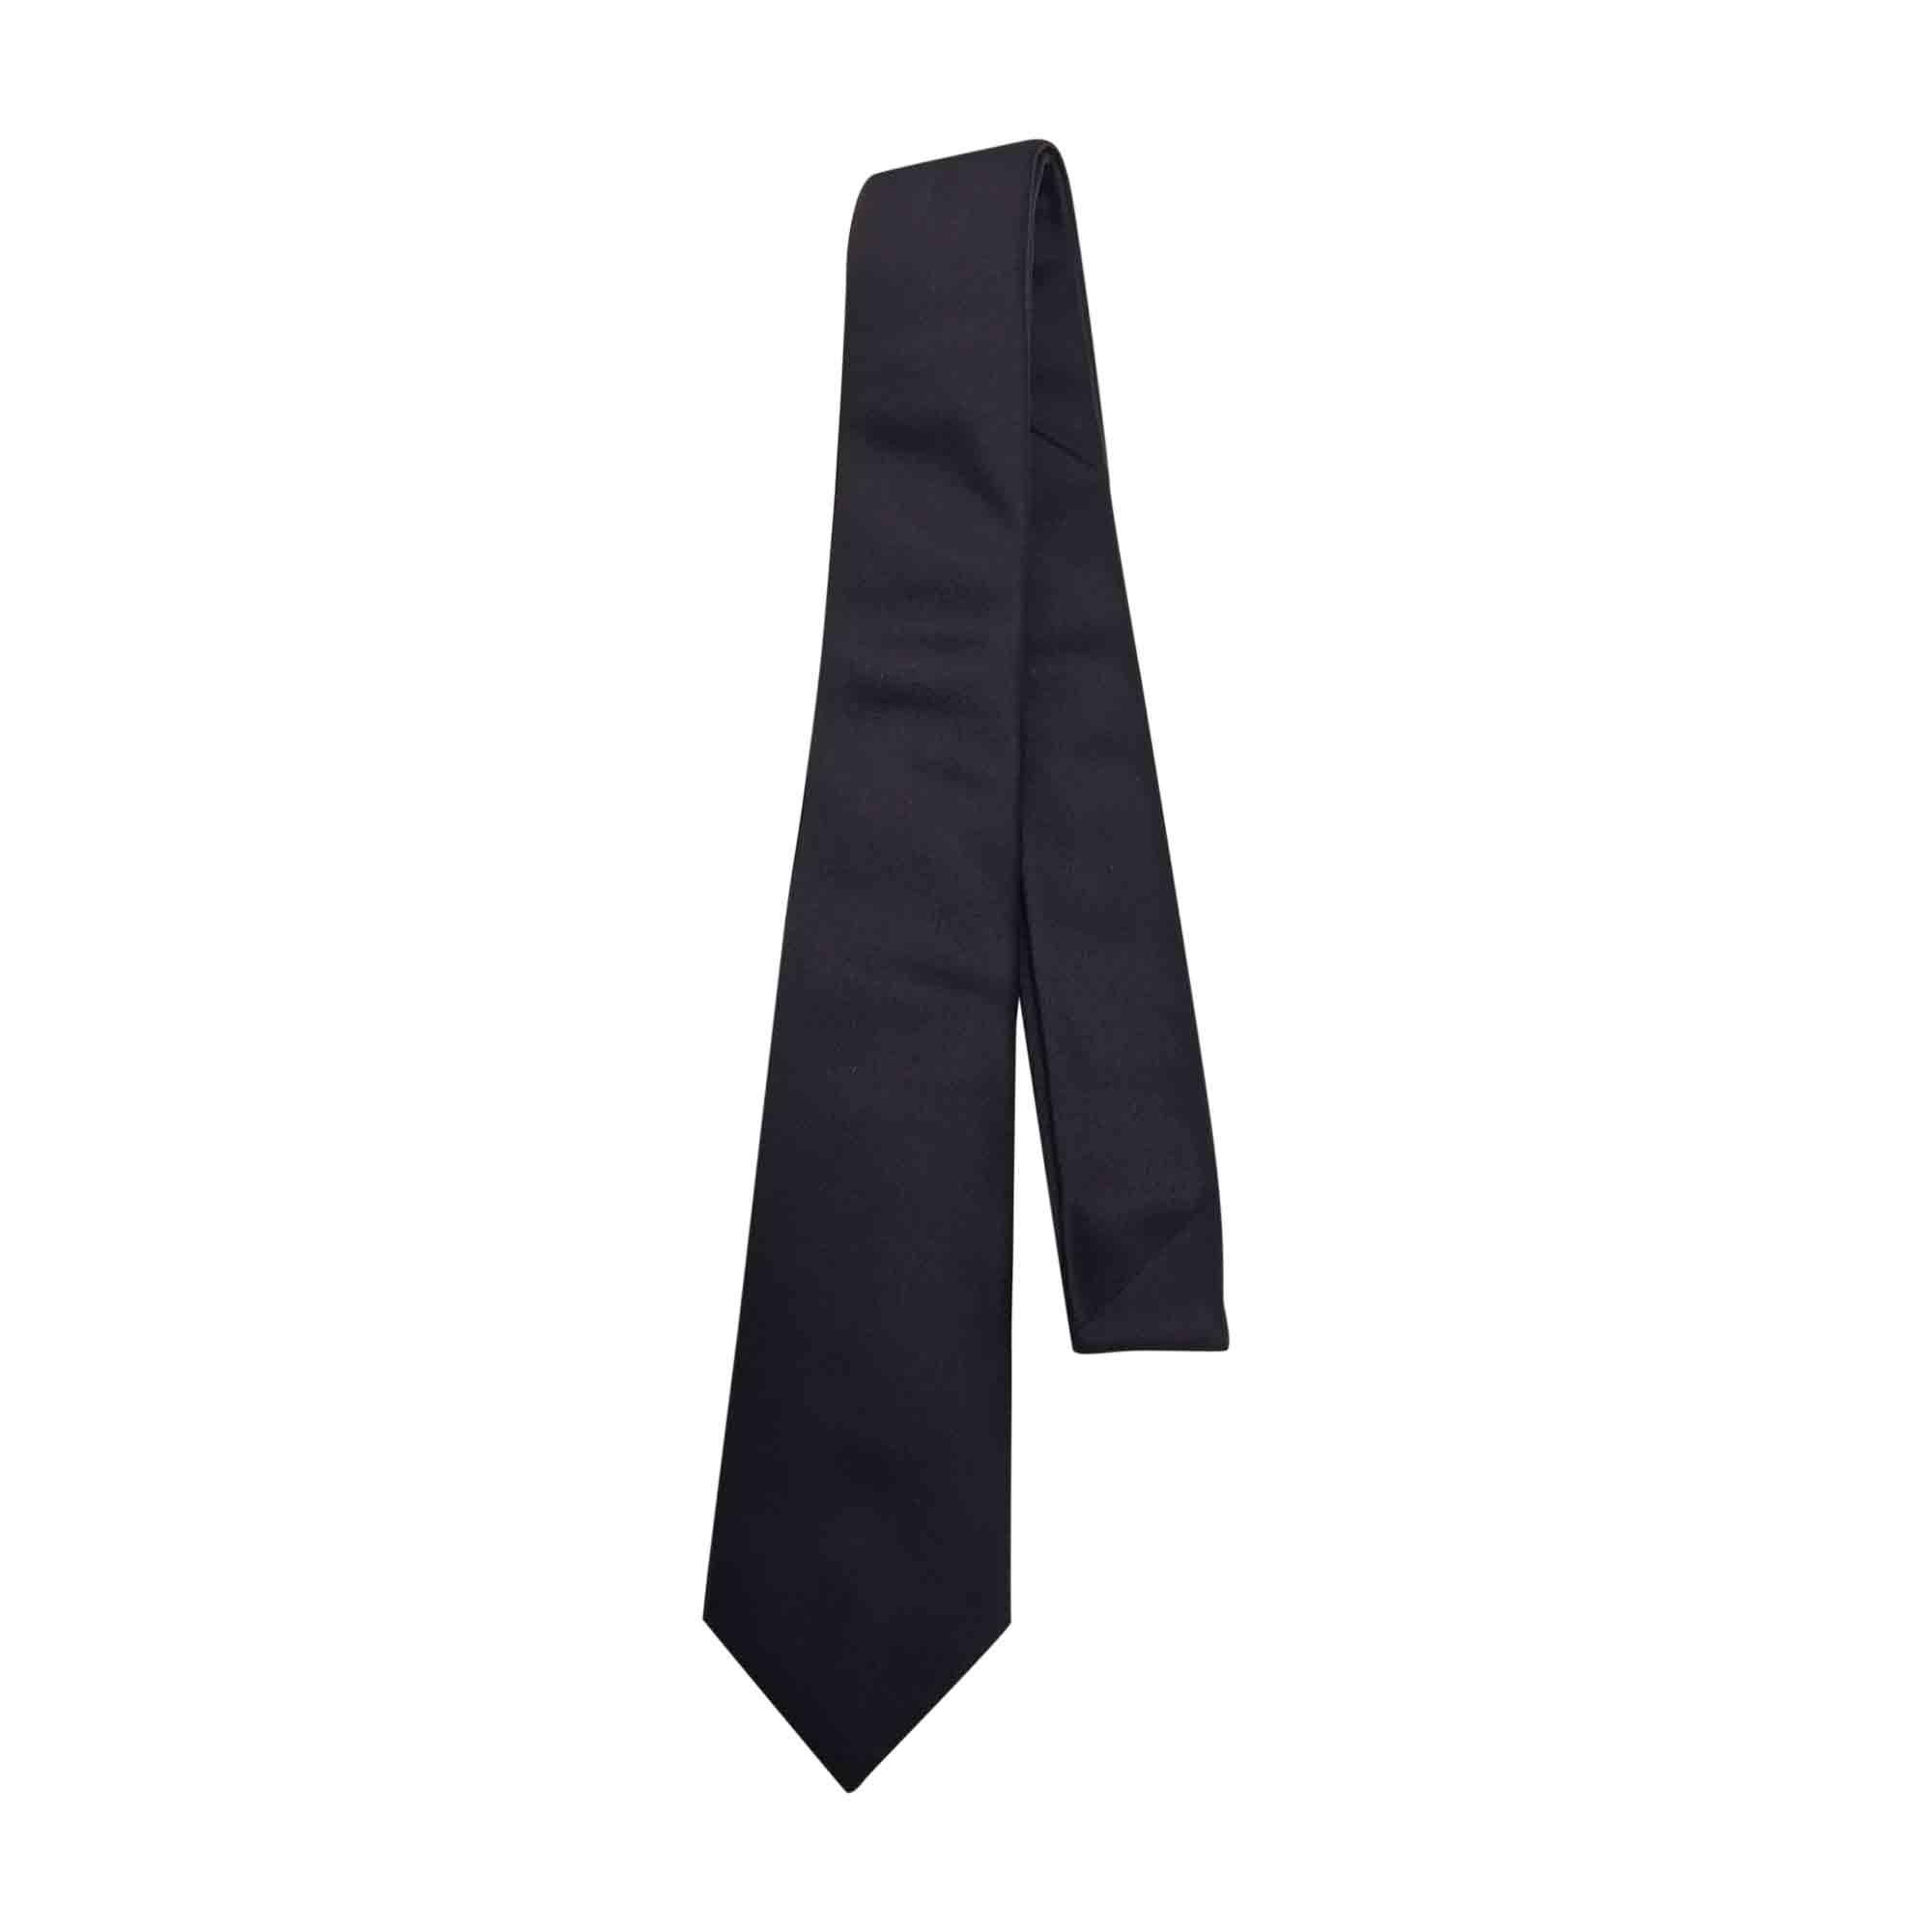 Cravate GIVENCHY Noir